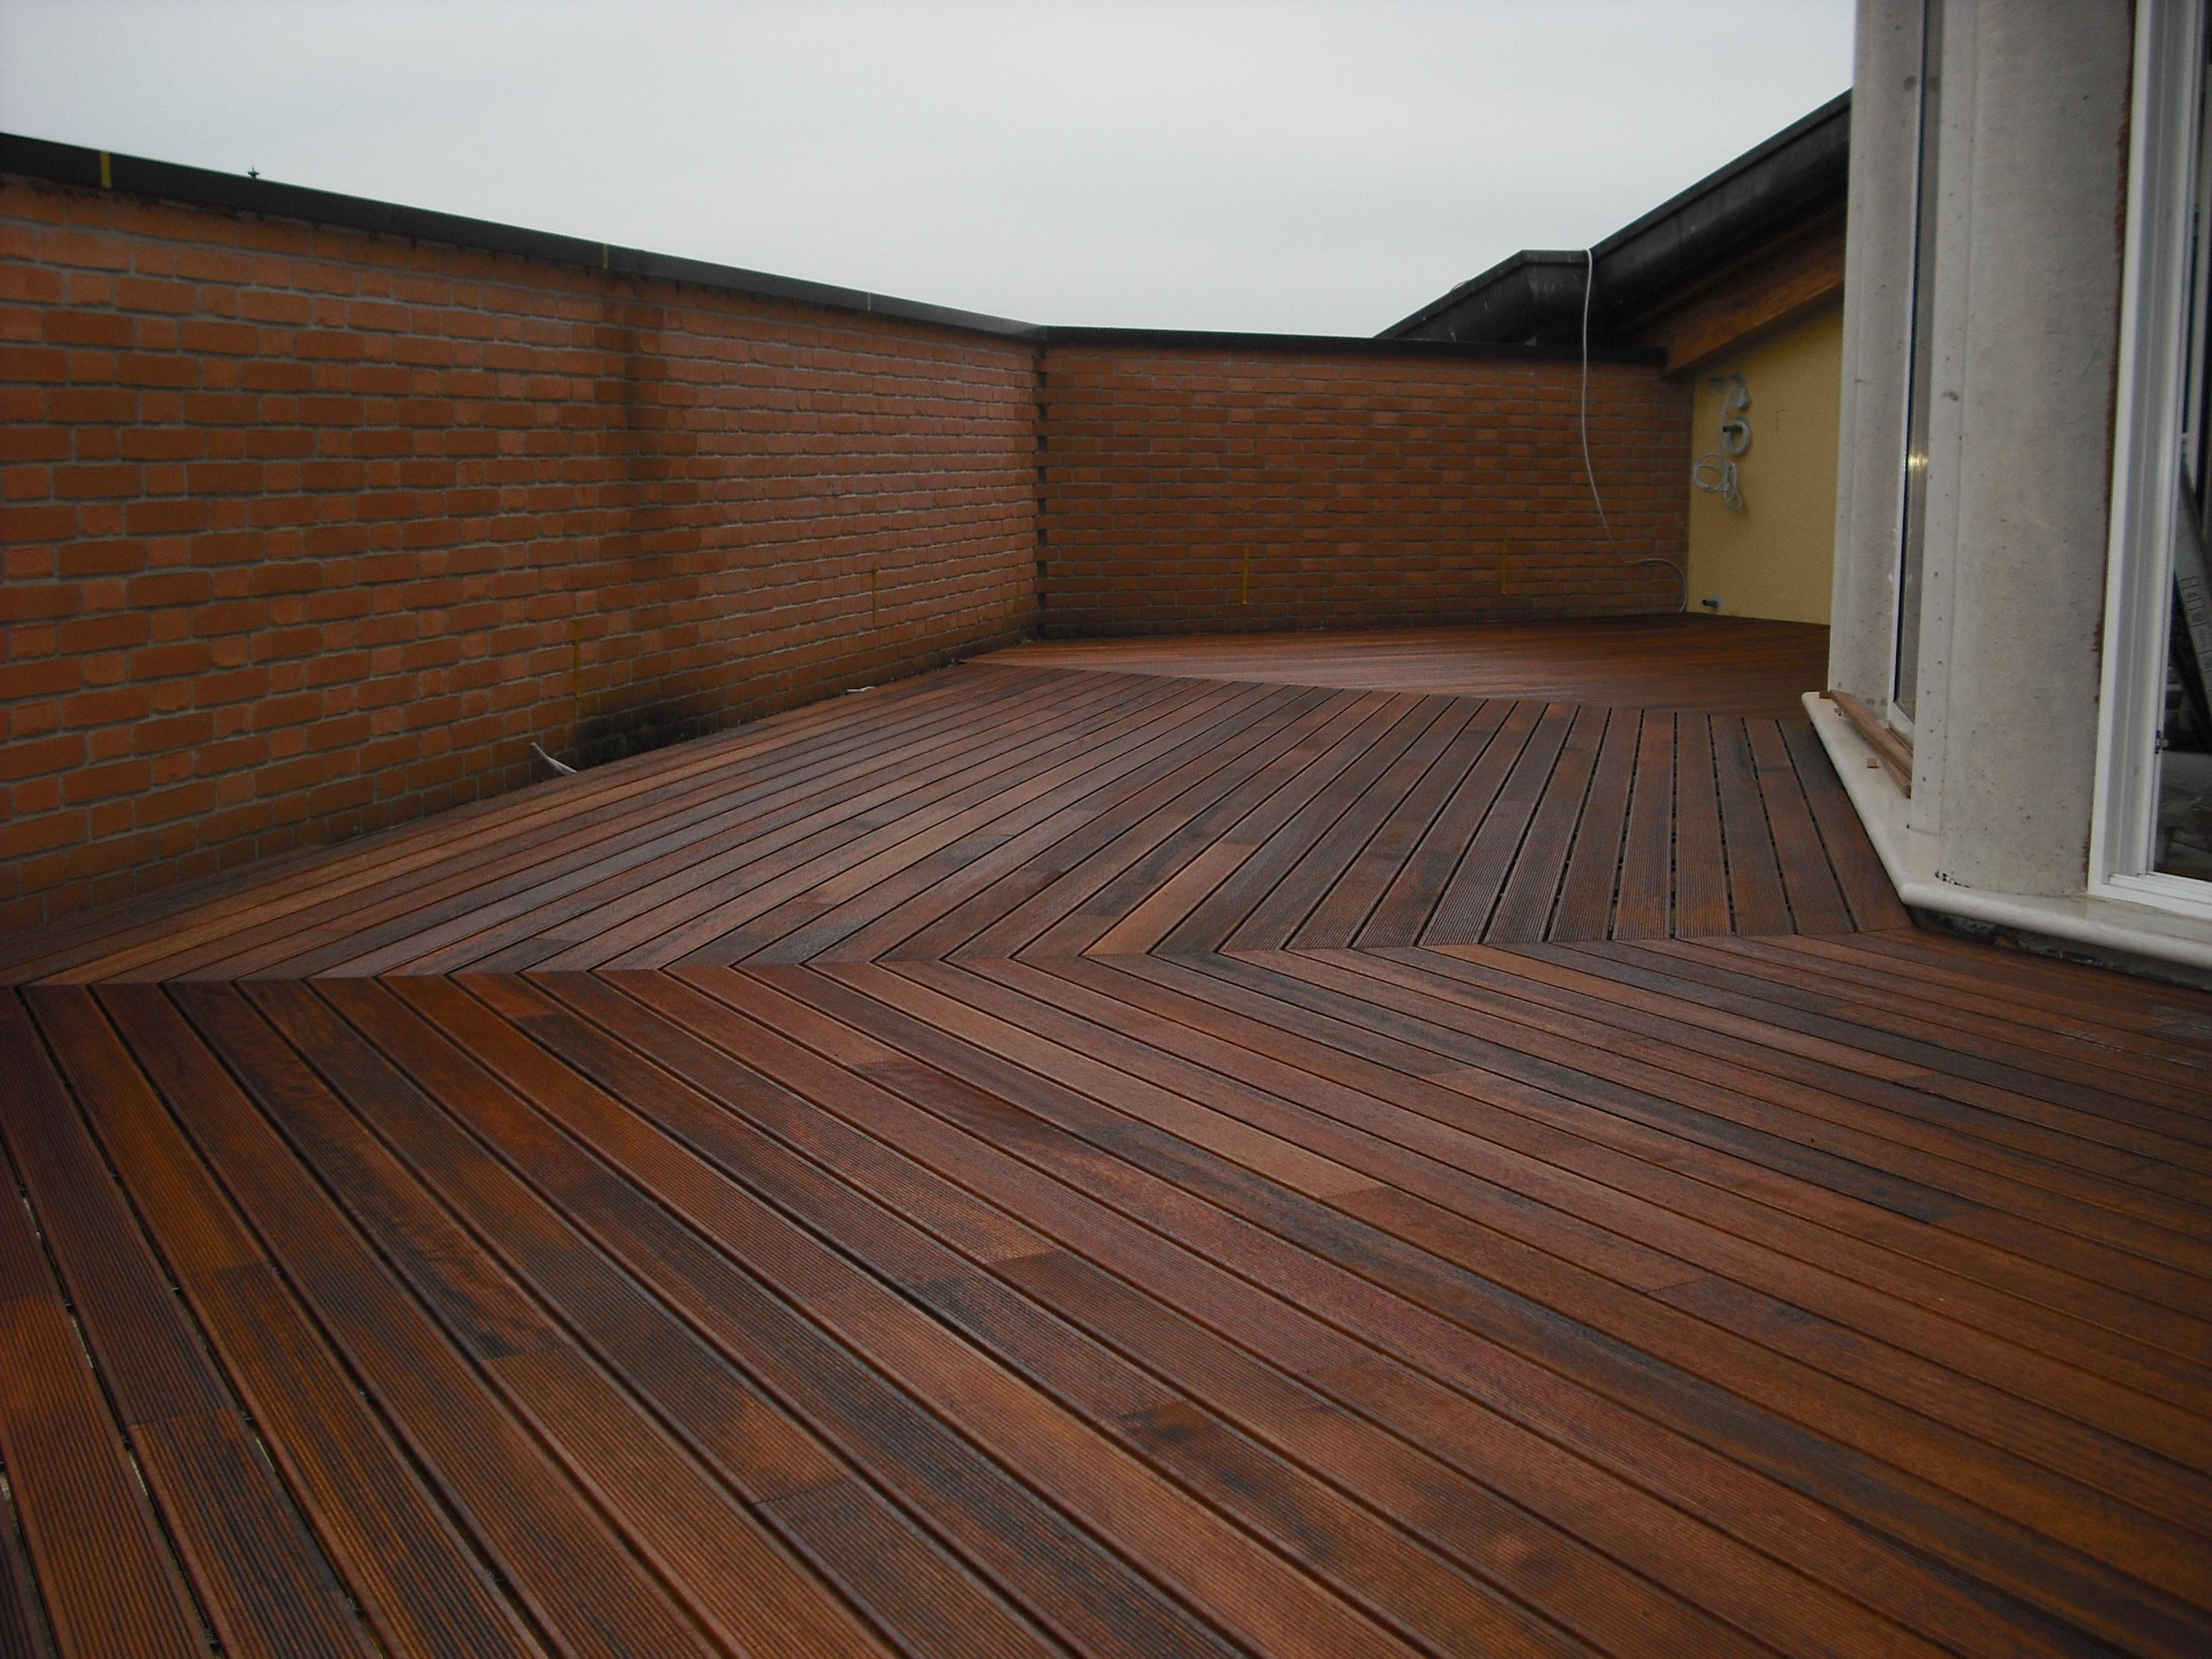 Pavimenti in legno per esterni villa del conte padova - Legno resistente per esterni ...